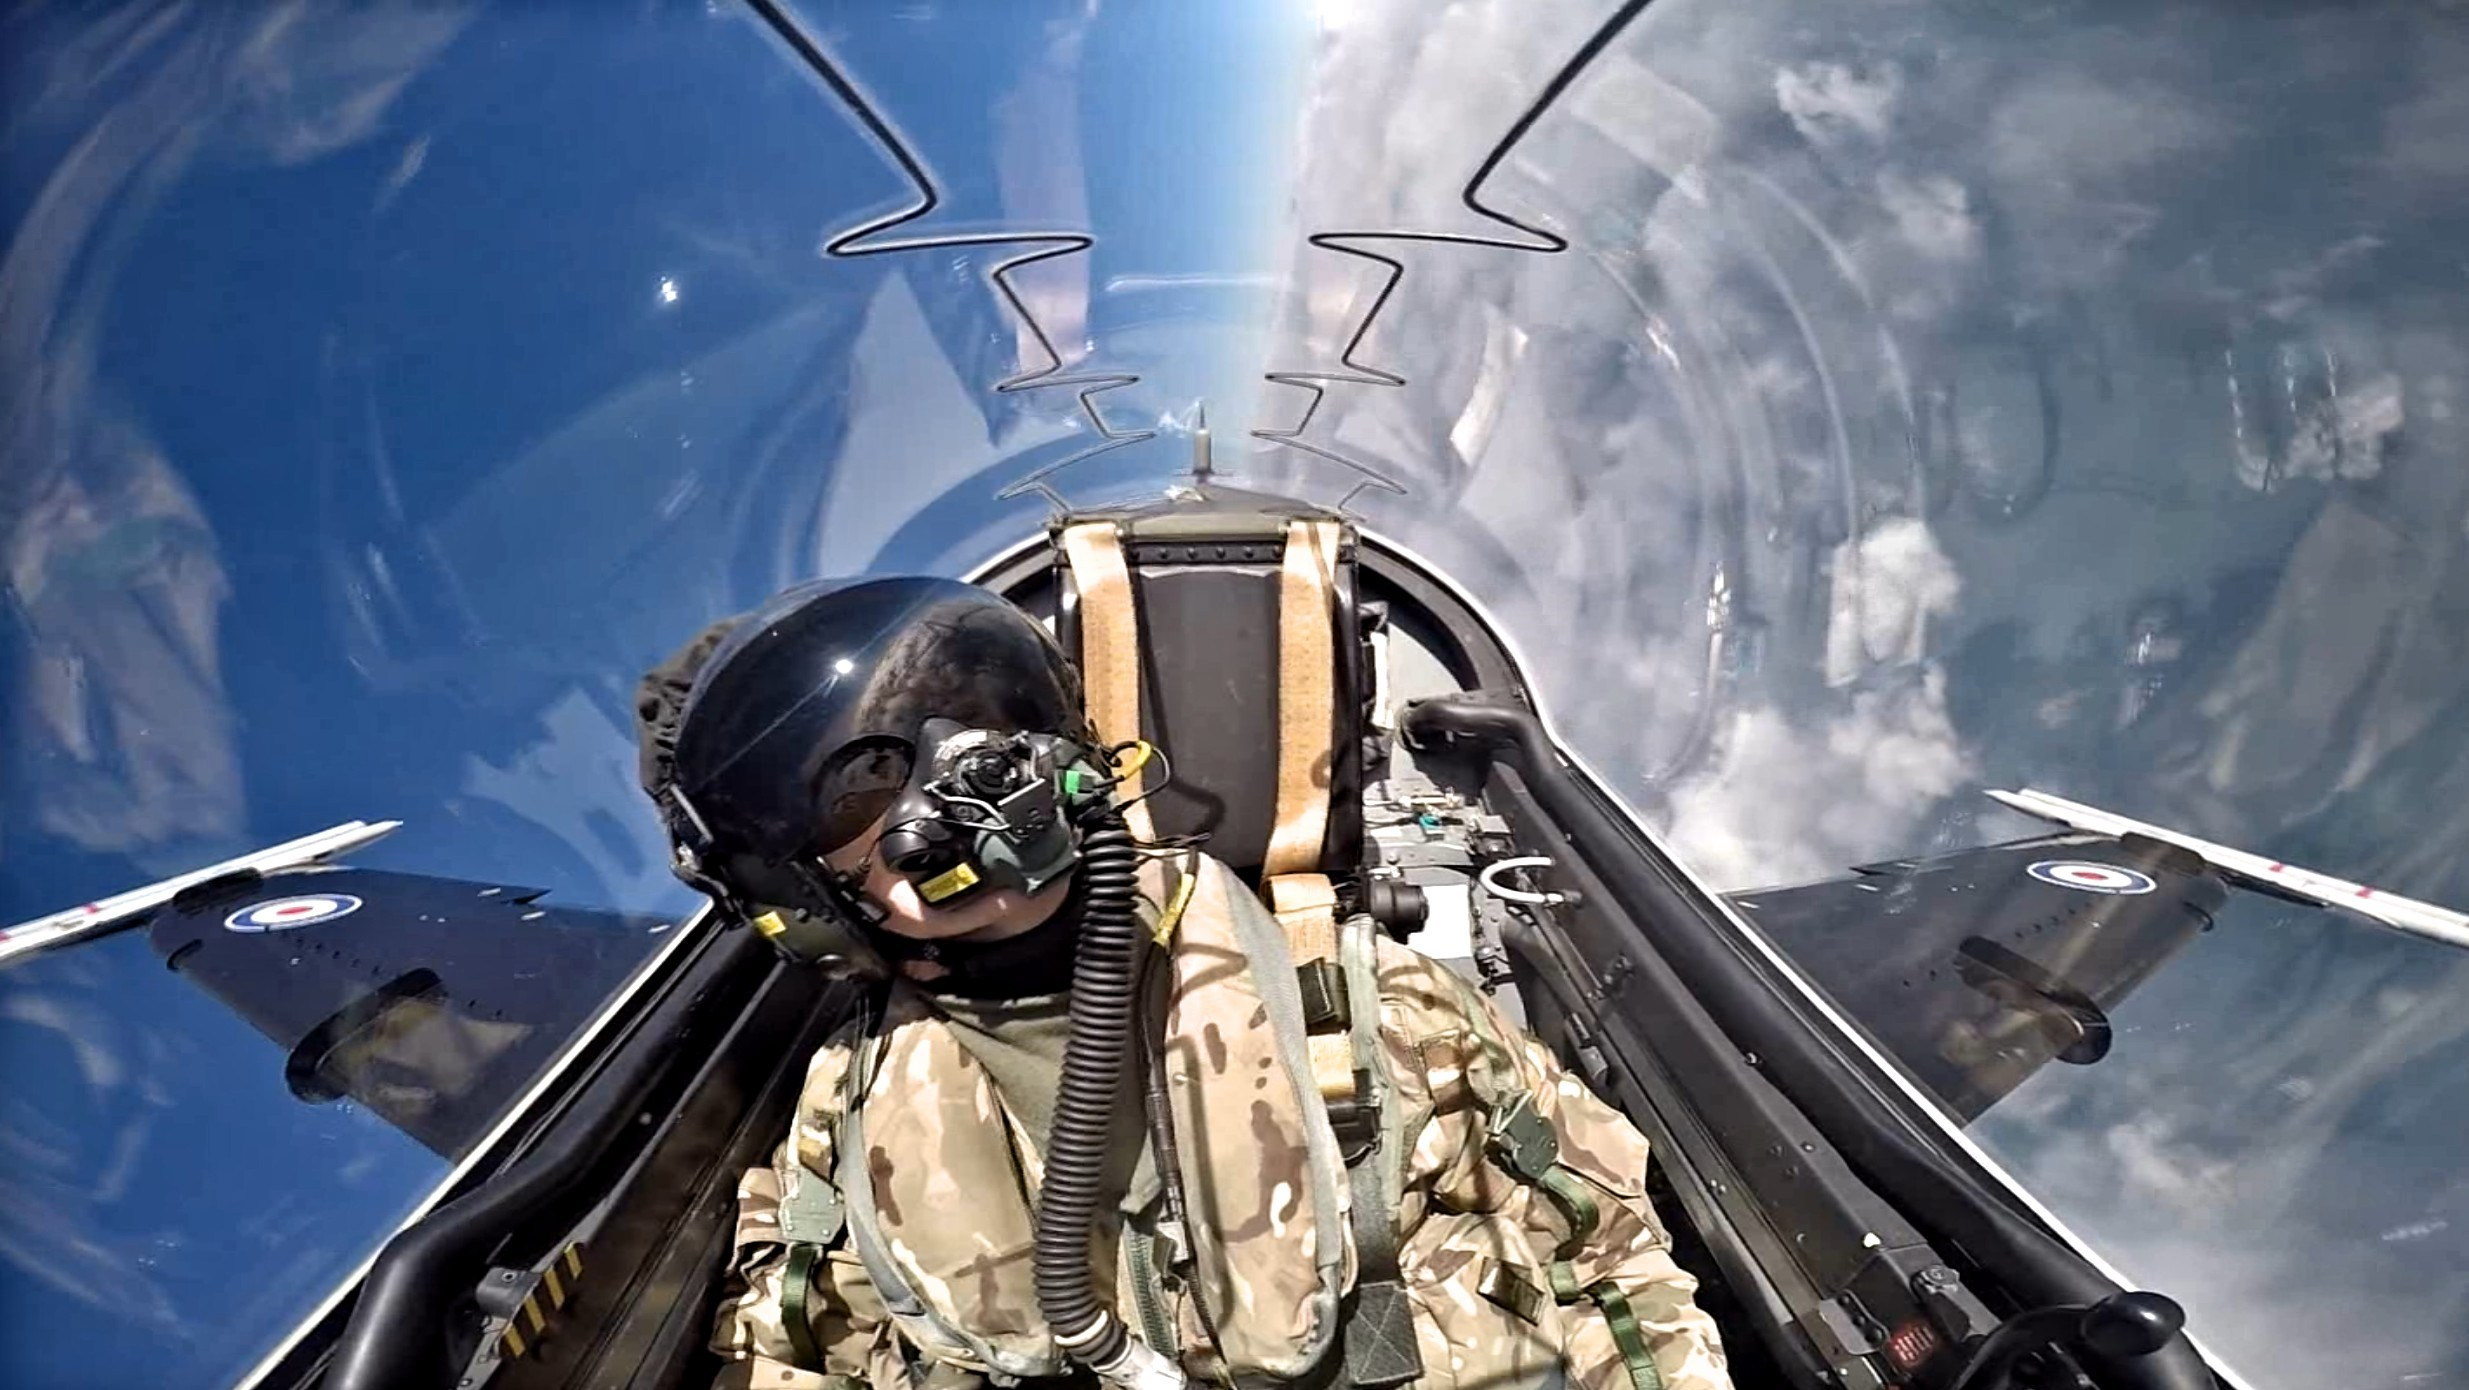 [Перевод] Почему лучшие лётчики-истребители часто попадают в крупные передряги